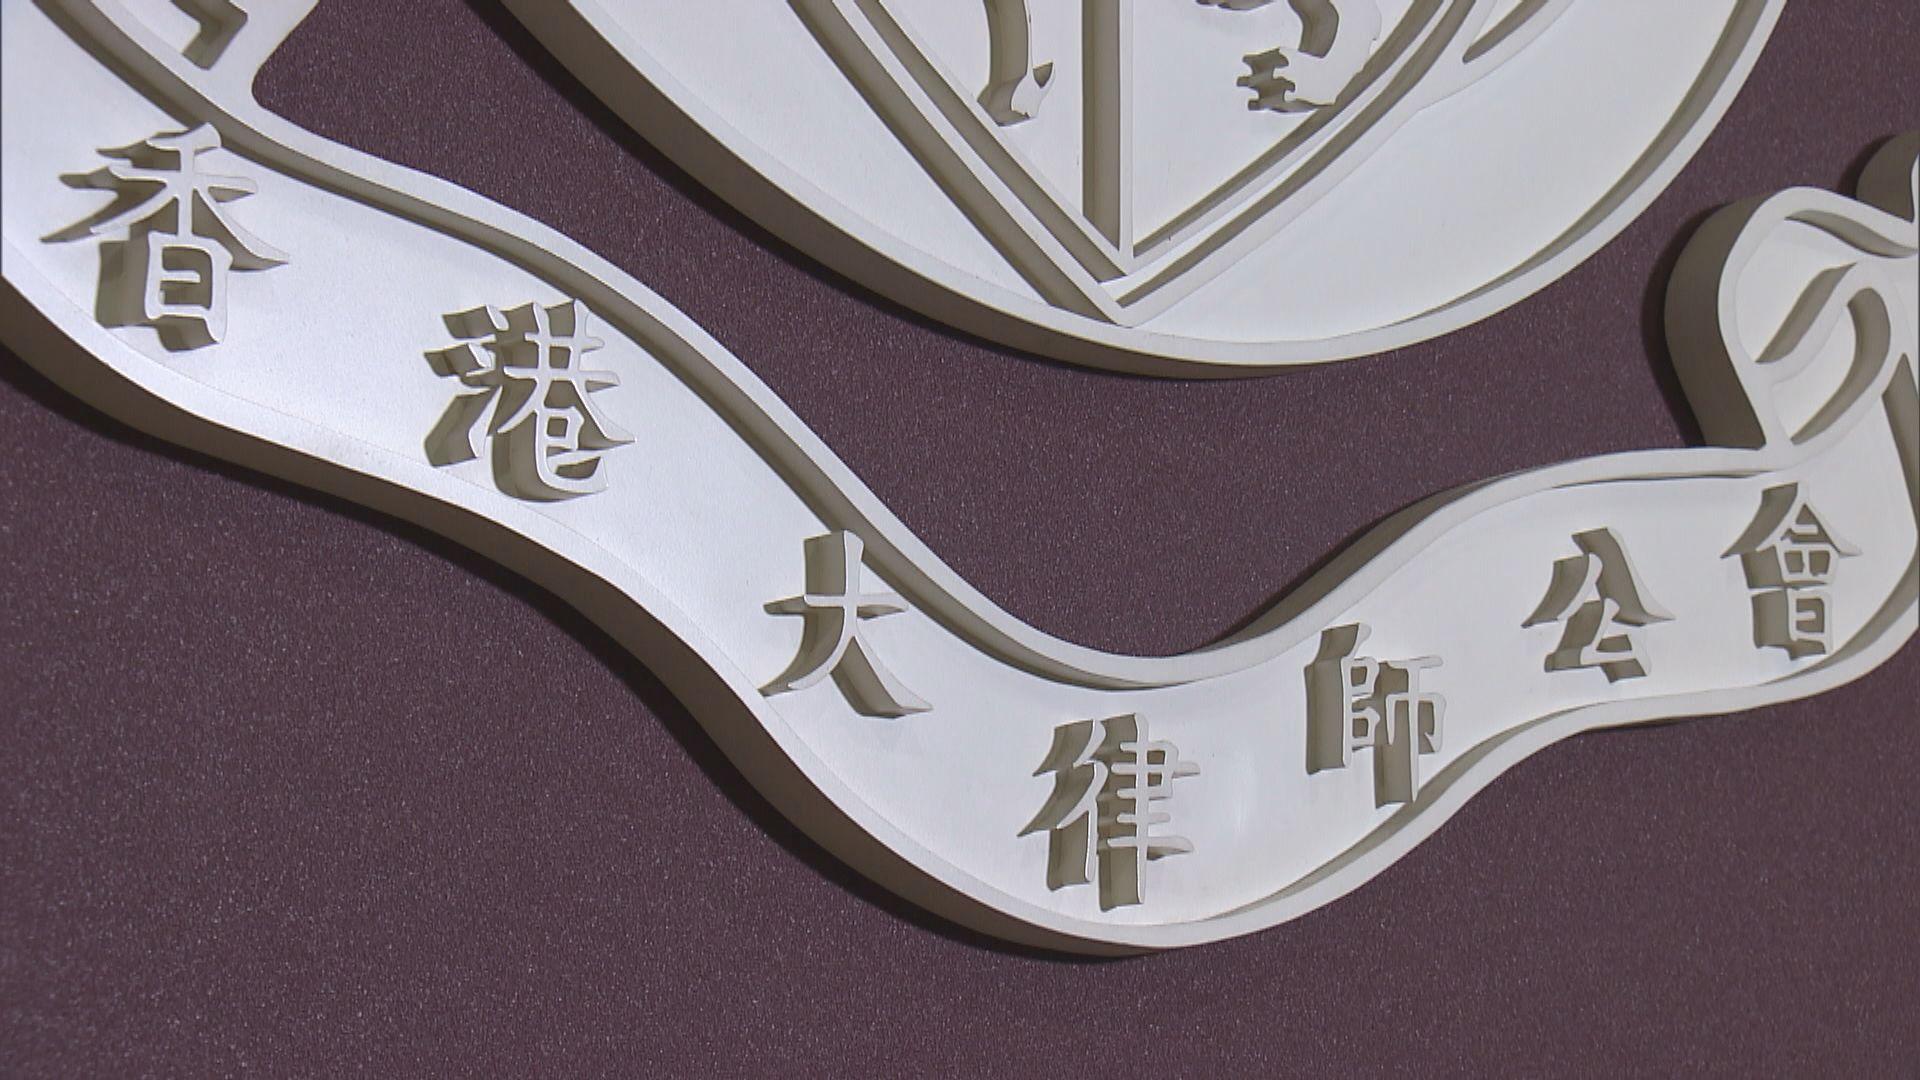 大律師公會:中央應避免予人干預香港司法獨立印象